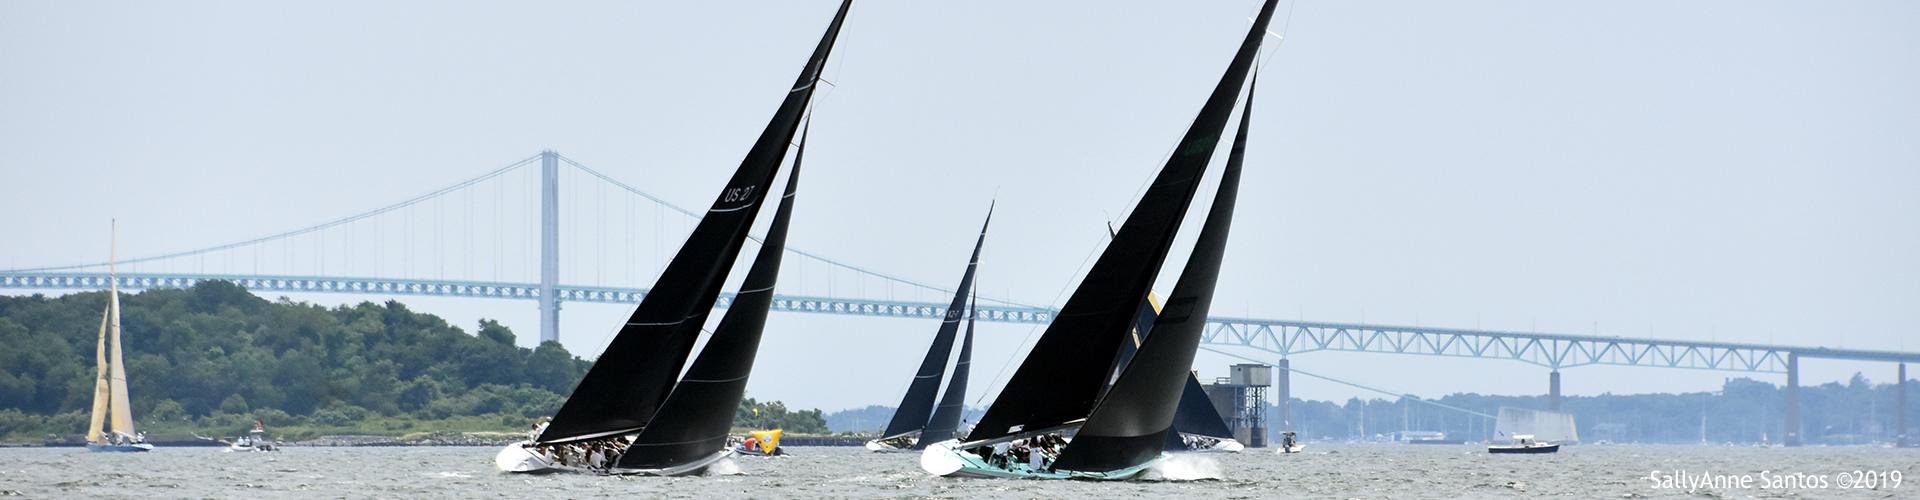 2020 12mR World Championship at Newport, Rhode Island, photo by SallyAnne Santos